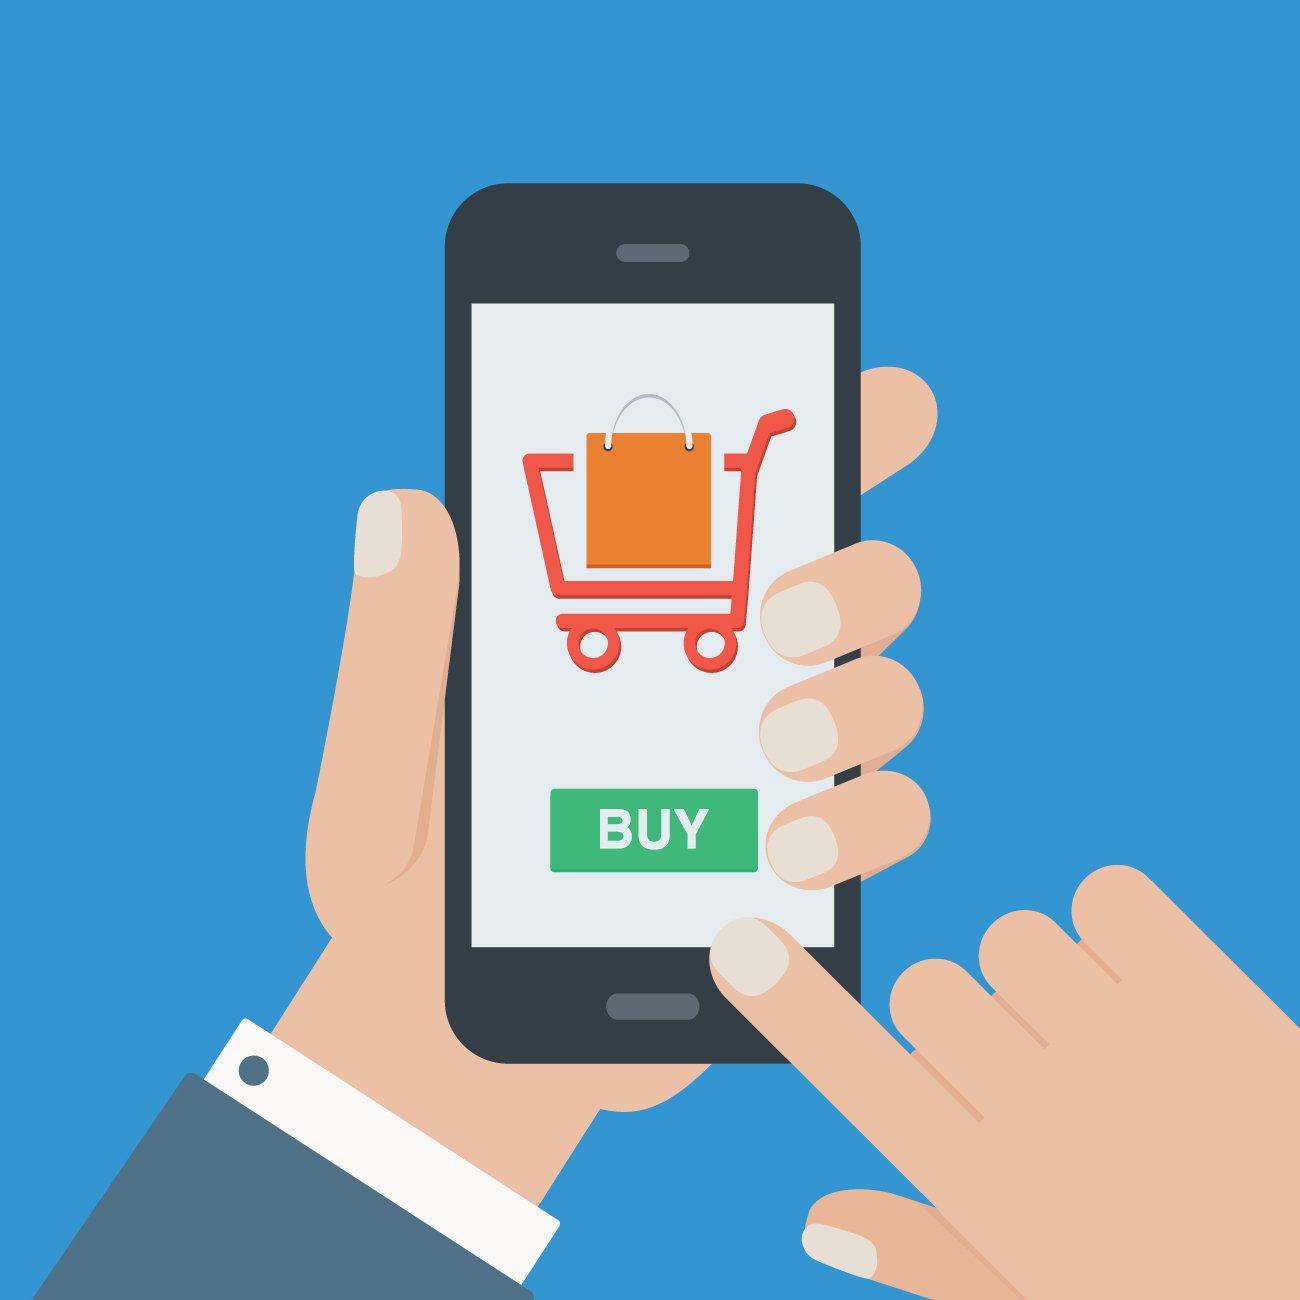 Cómo aumentar el tráfico y las ventas de mi tienda online